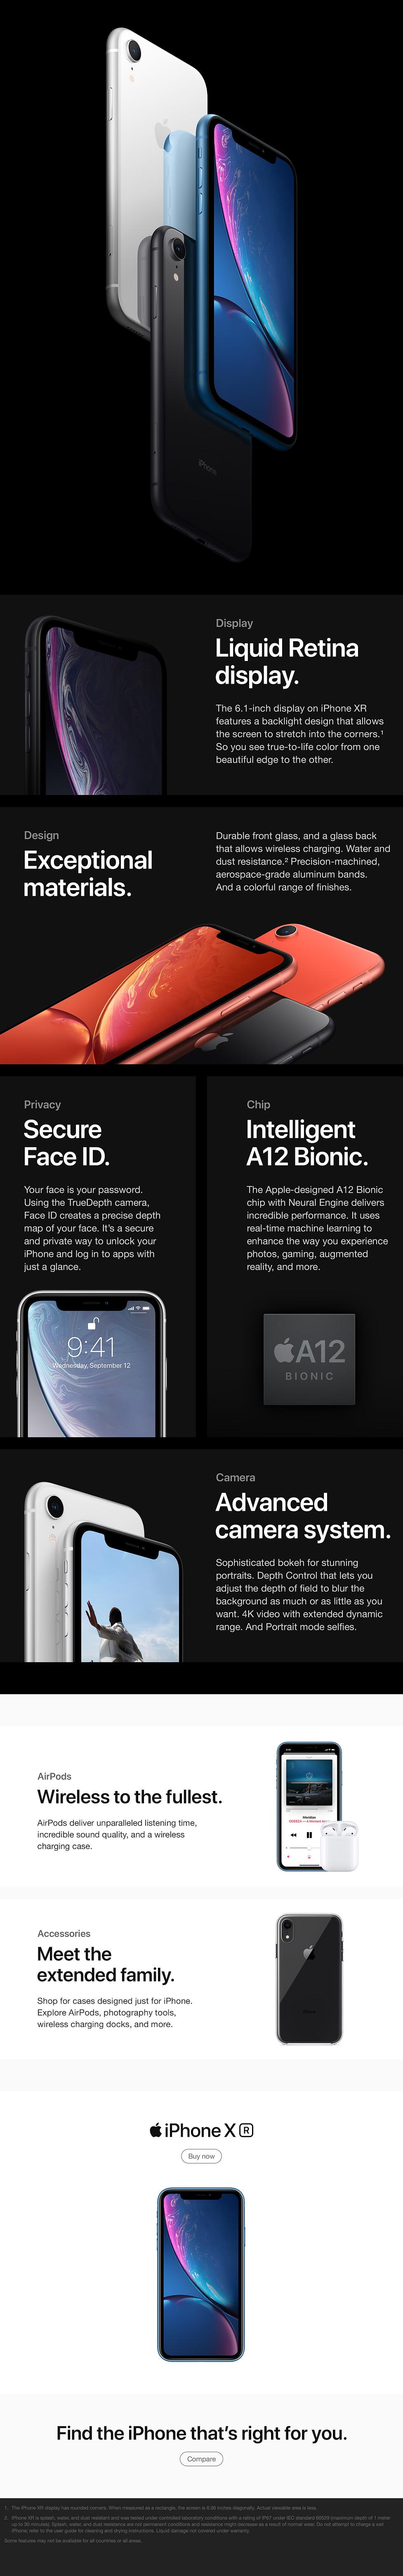 ROSA_iPhoneXR-MarketingPage-L_AVAIL_FA_L